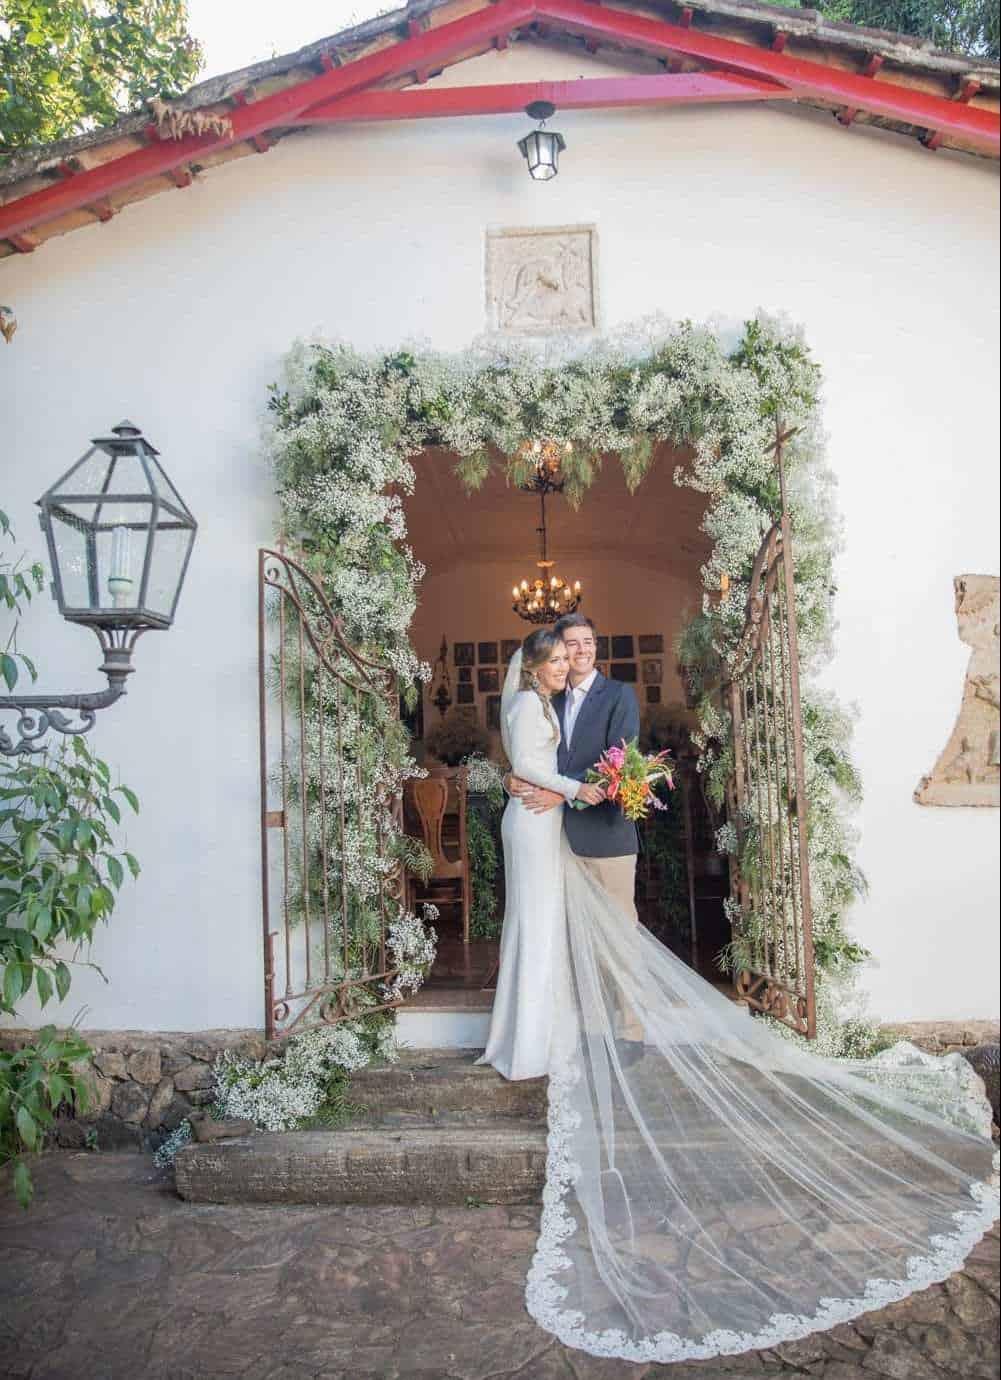 casamento-ao-ar-livre-Julia-e-Felipe-18-e1542311567684